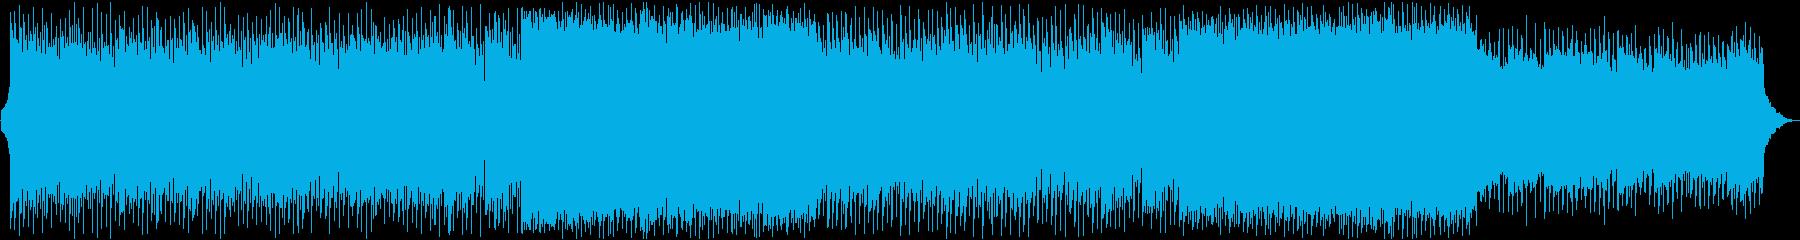 企業VP・綺麗・誠実・青空の再生済みの波形